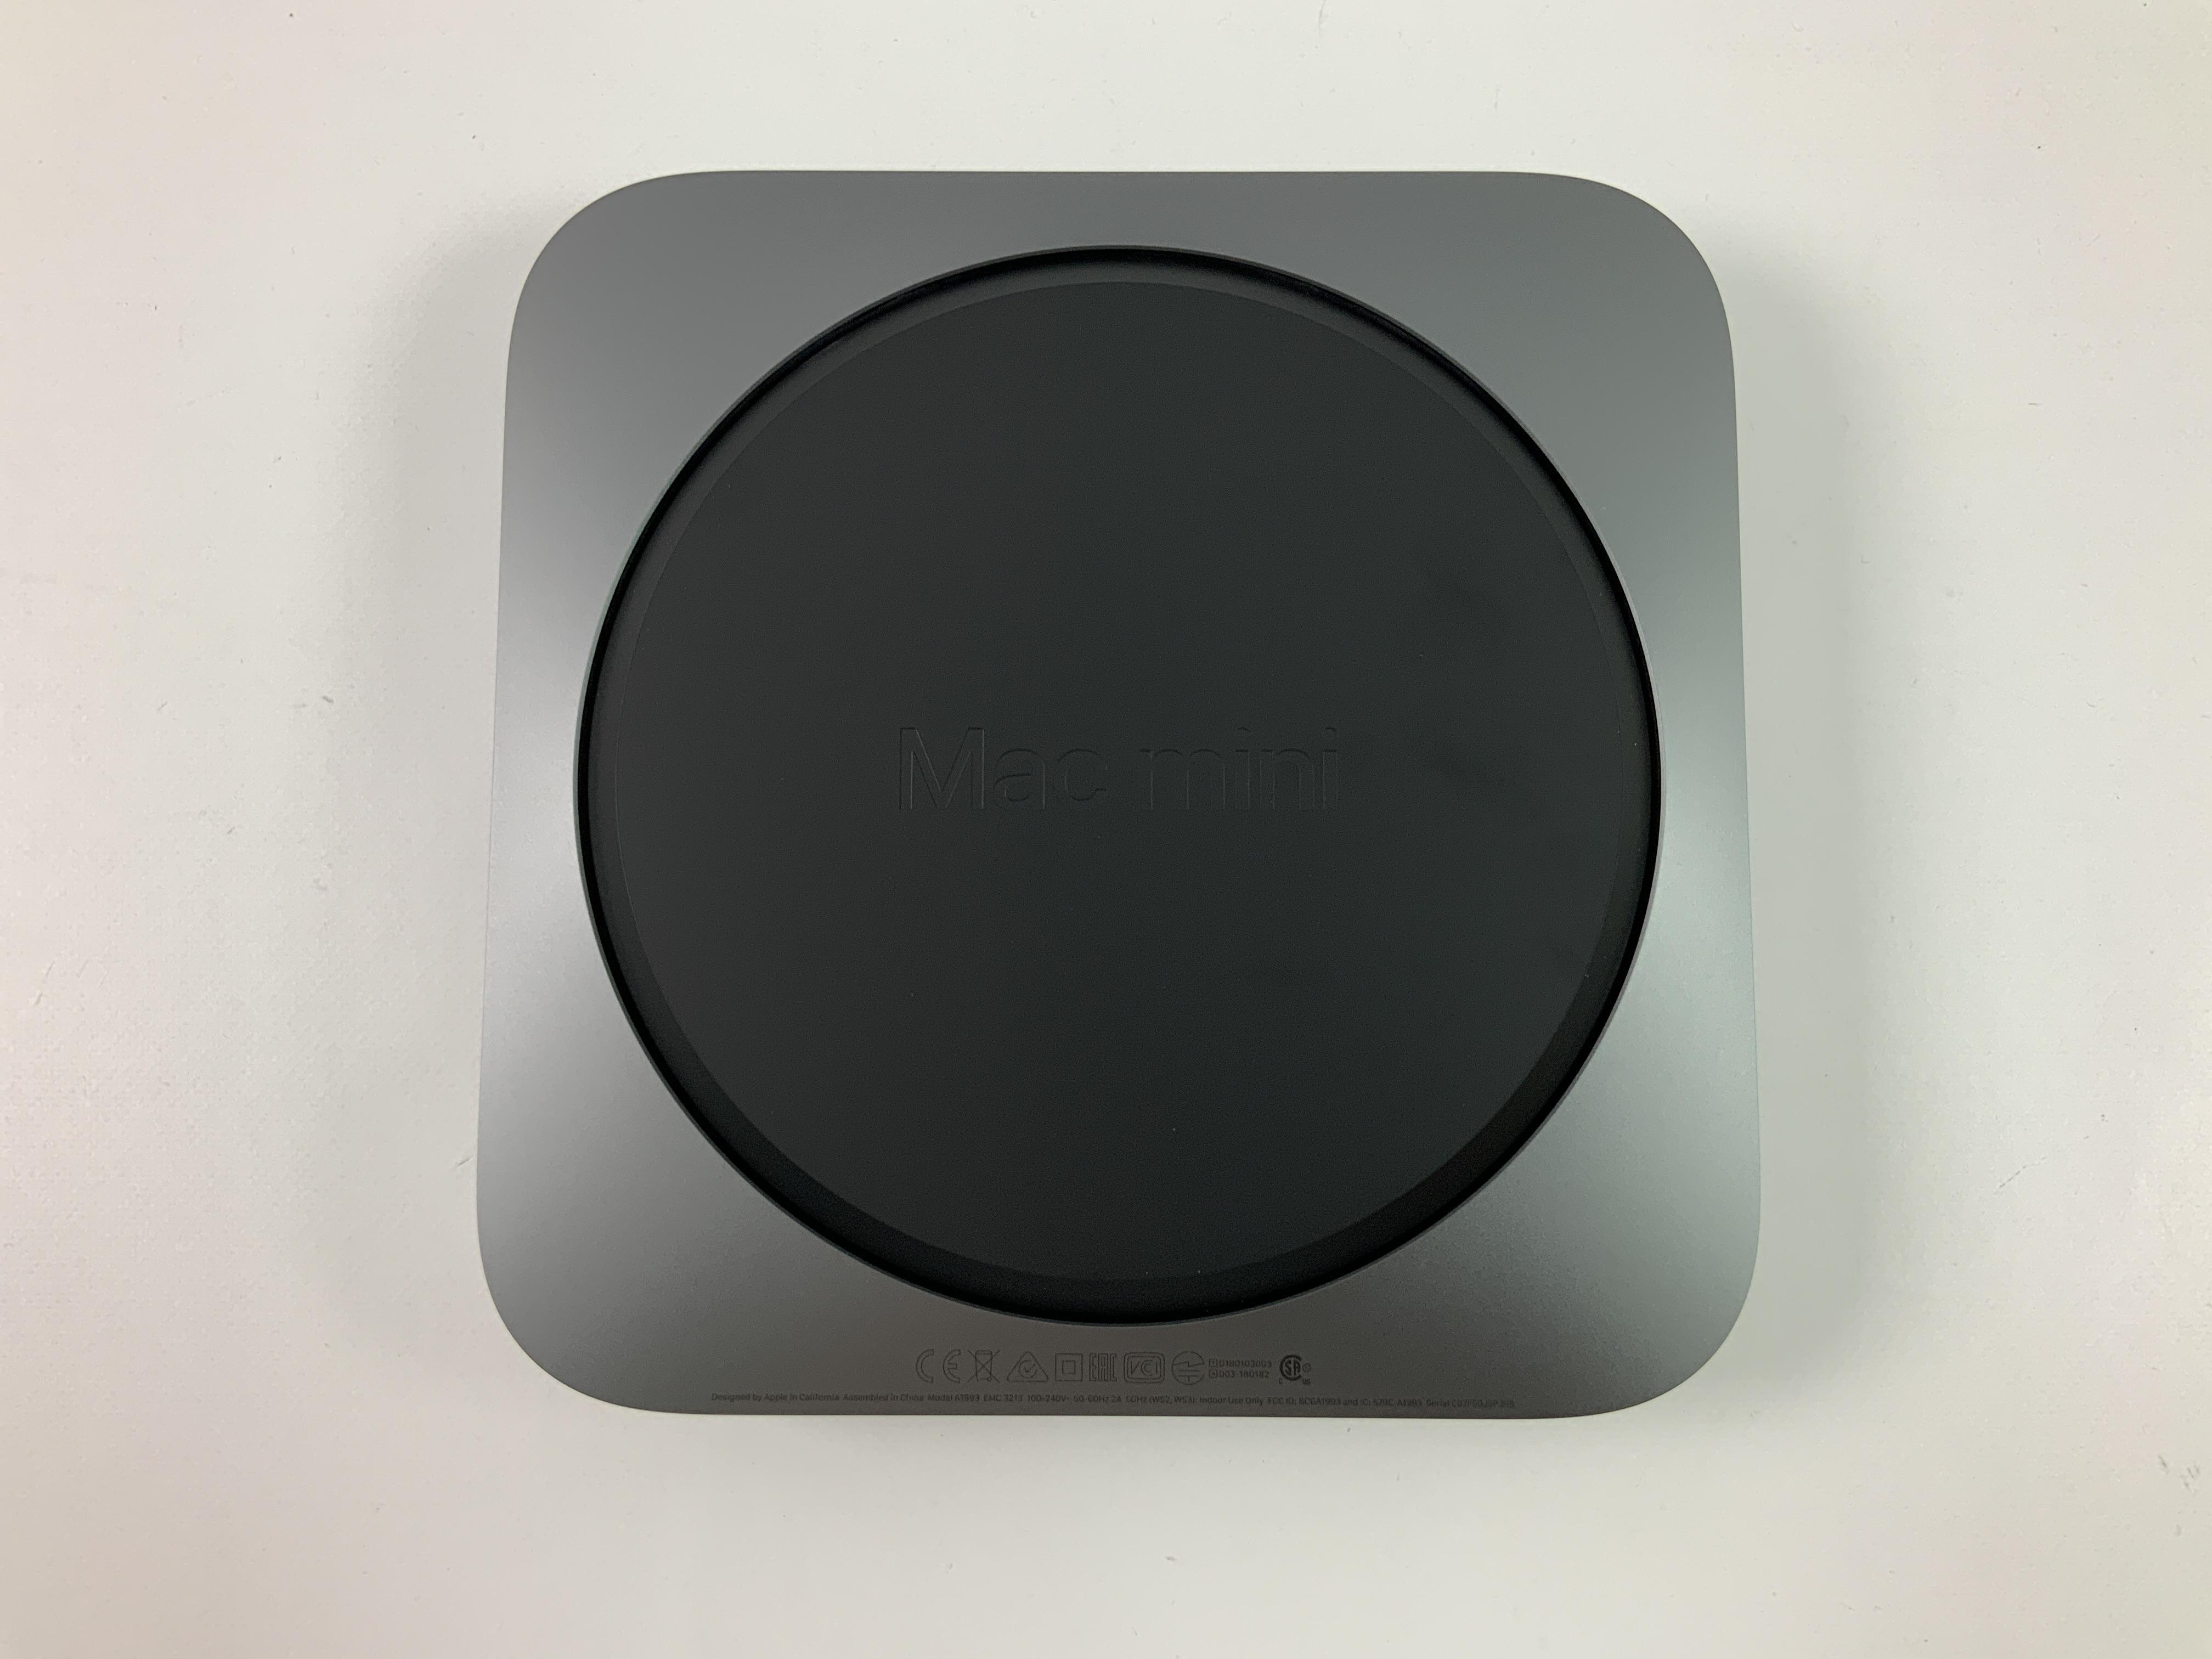 Mac Mini Early 2020 (Intel 6-Core i5 3.0 GHz 8 GB RAM 512 GB SSD), Intel 6-Core i5 3.0 GHz, 8 GB RAM, 512 GB SSD, immagine 3